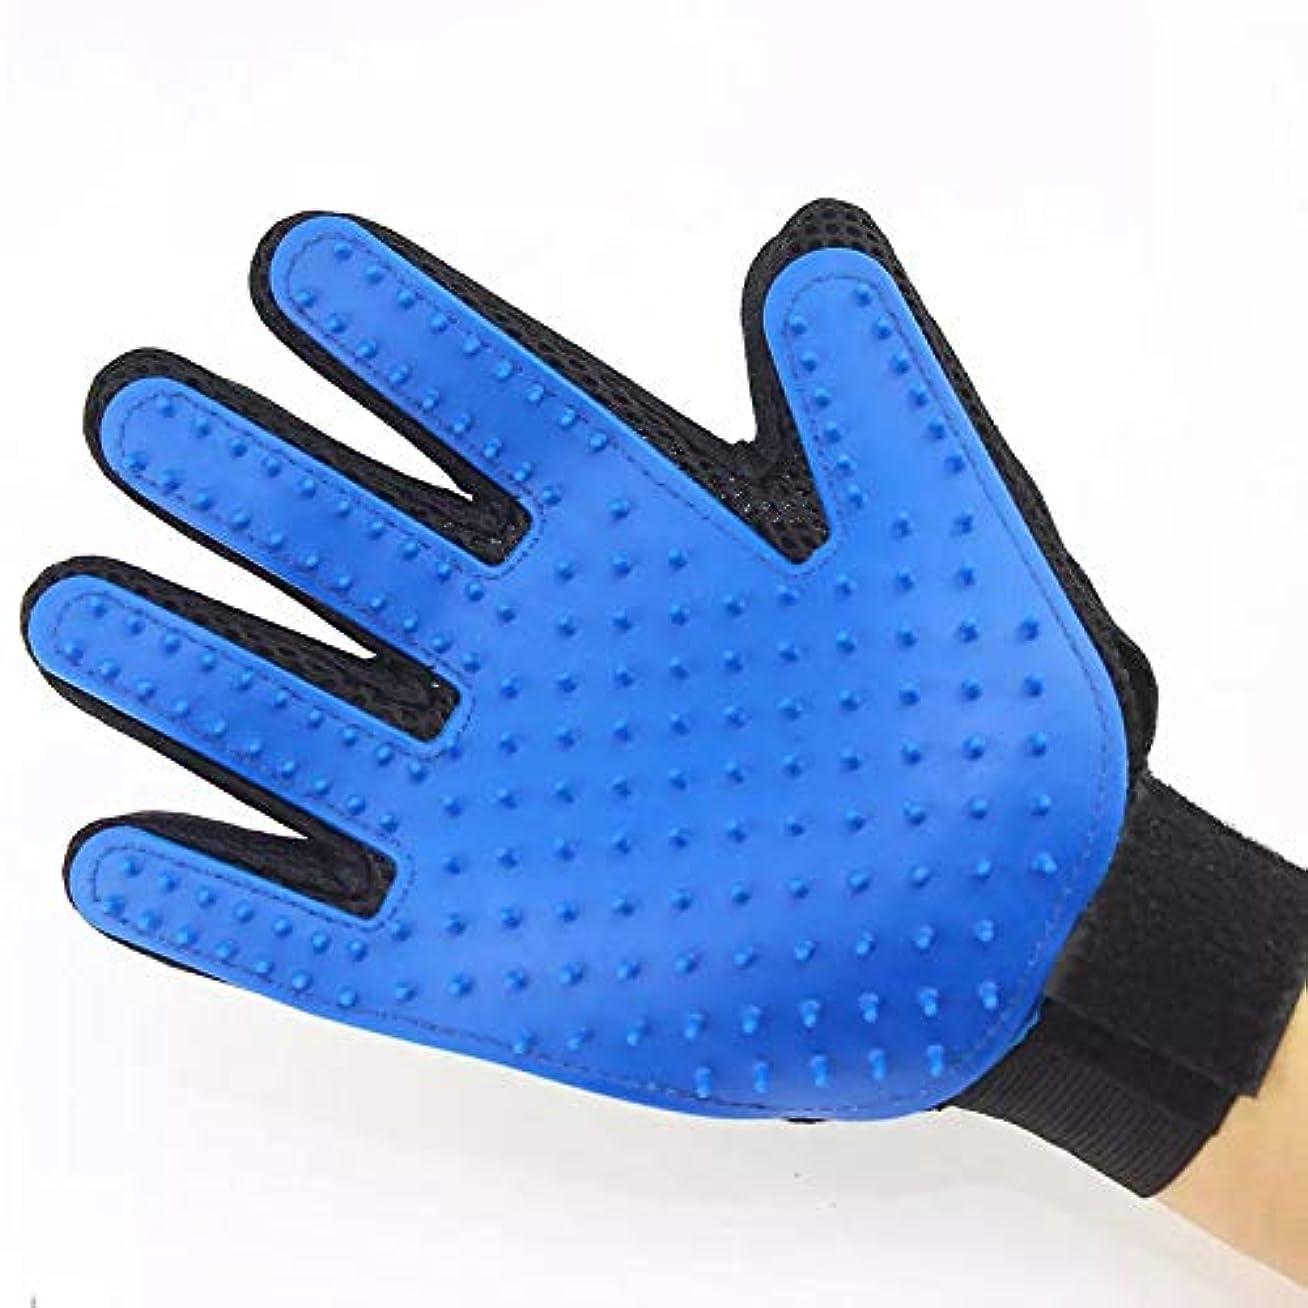 ソーシャル航海お手伝いさんBTXXYJP ペット ブラシ 手袋 猫 犬 ブラシ グローブ クリーナー 耐摩耗 抜け毛取り マッサージブラシ グローブ (Color : Red, Style : Right hand)